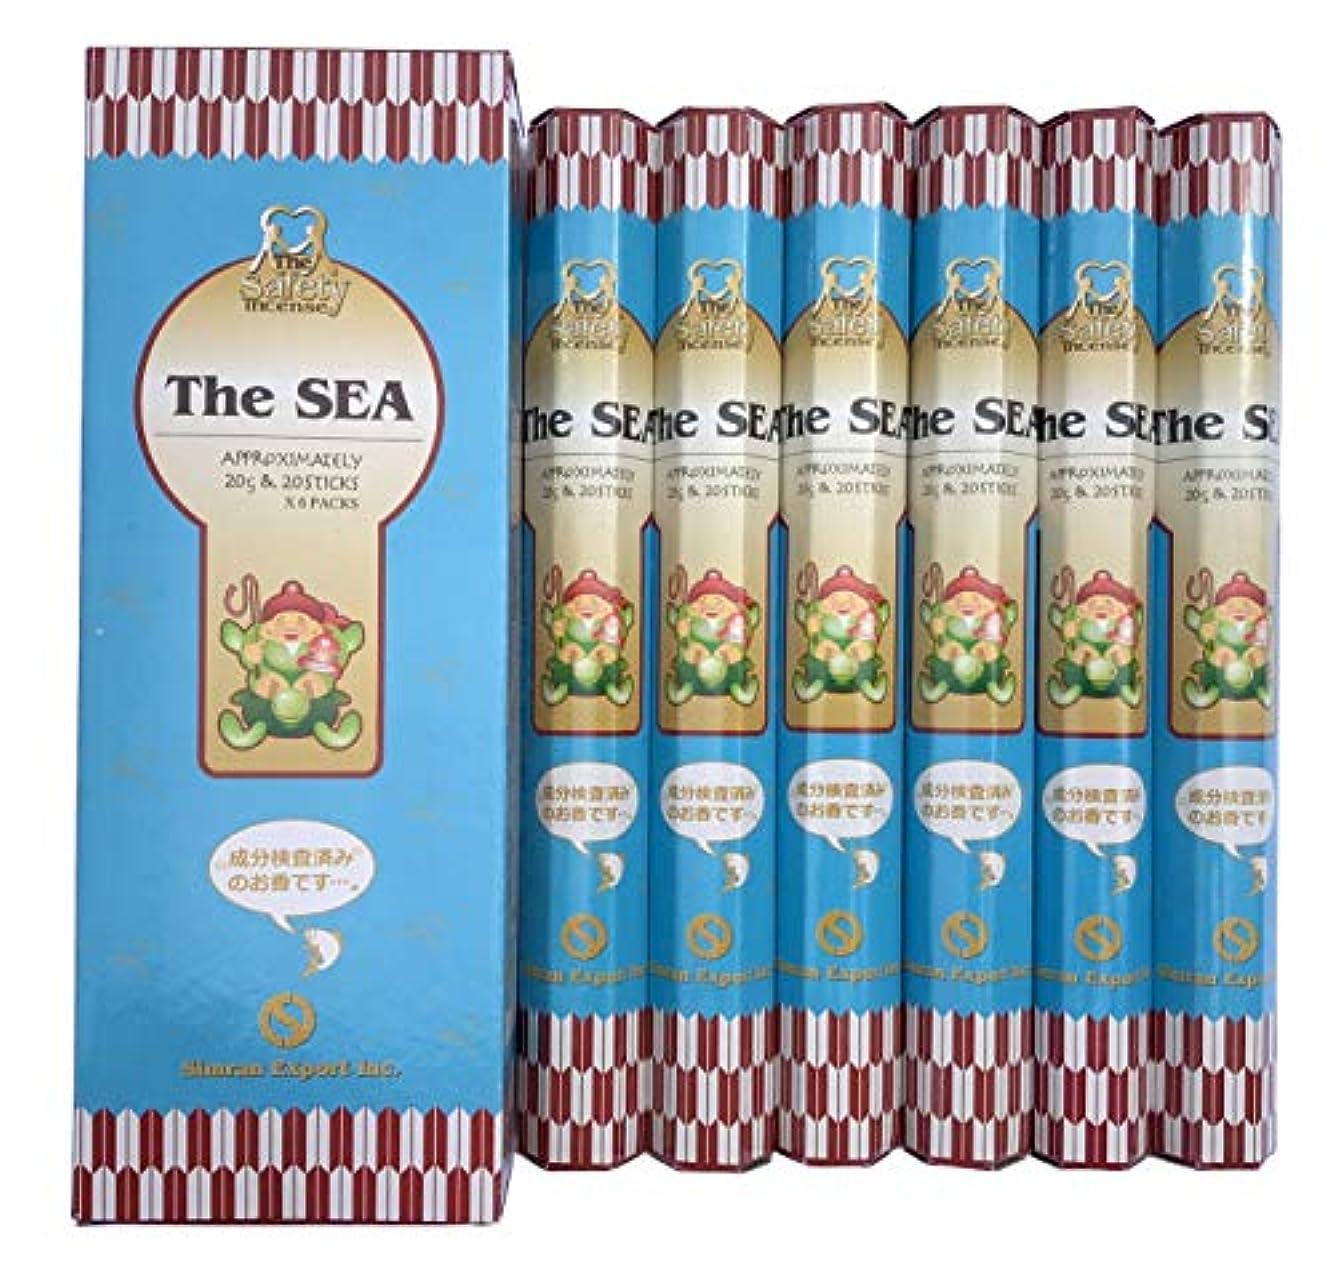 シングル区ハンマーインド香 The SEA ザ?シー 潮風の香り スティック 6個セット シムラン社 成分検査済み